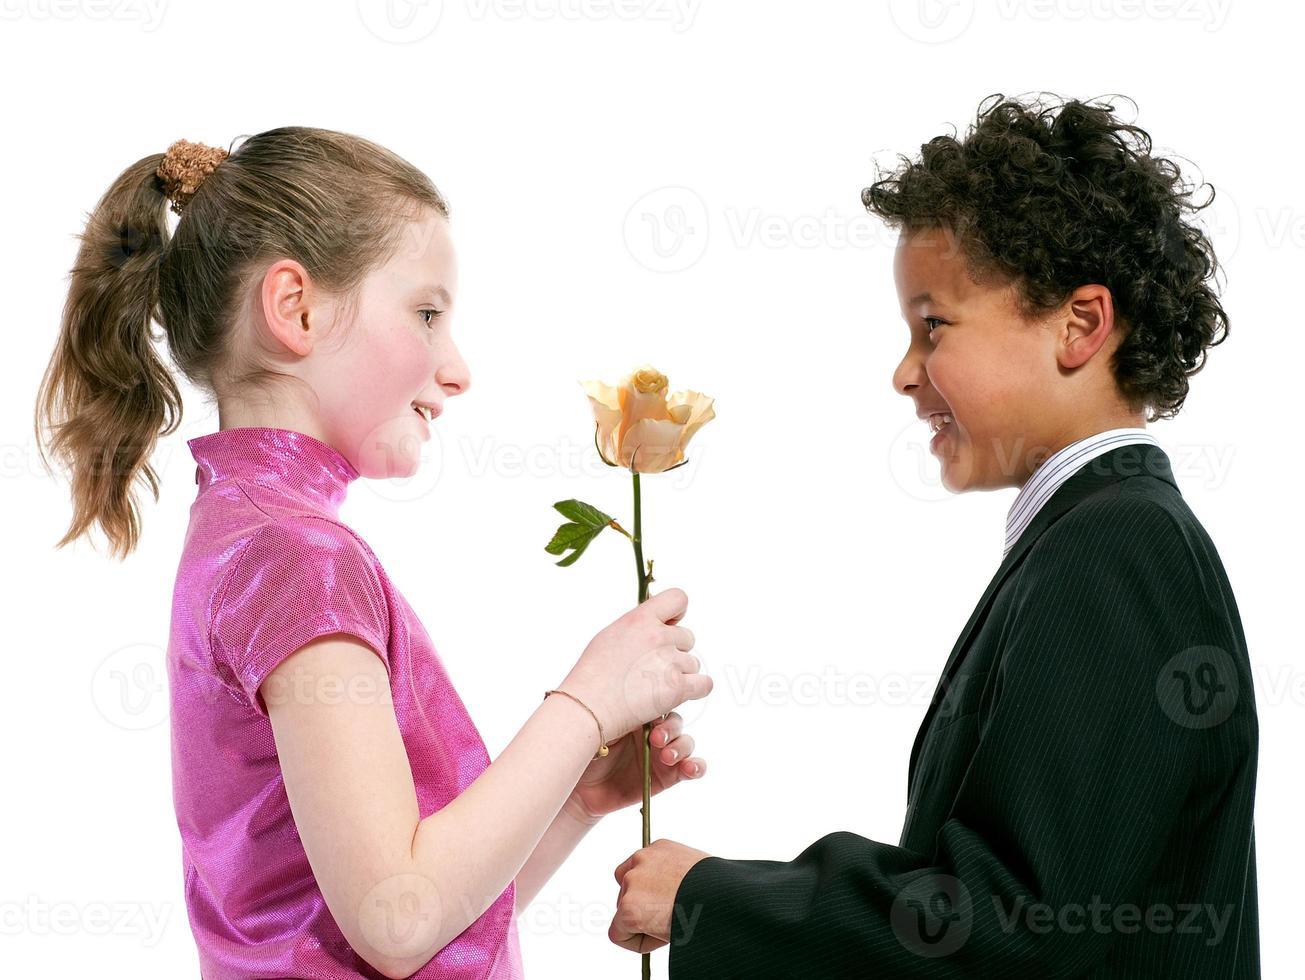 Interracial Paar lacht zusammen isoliert auf weißem Hintergrund foto